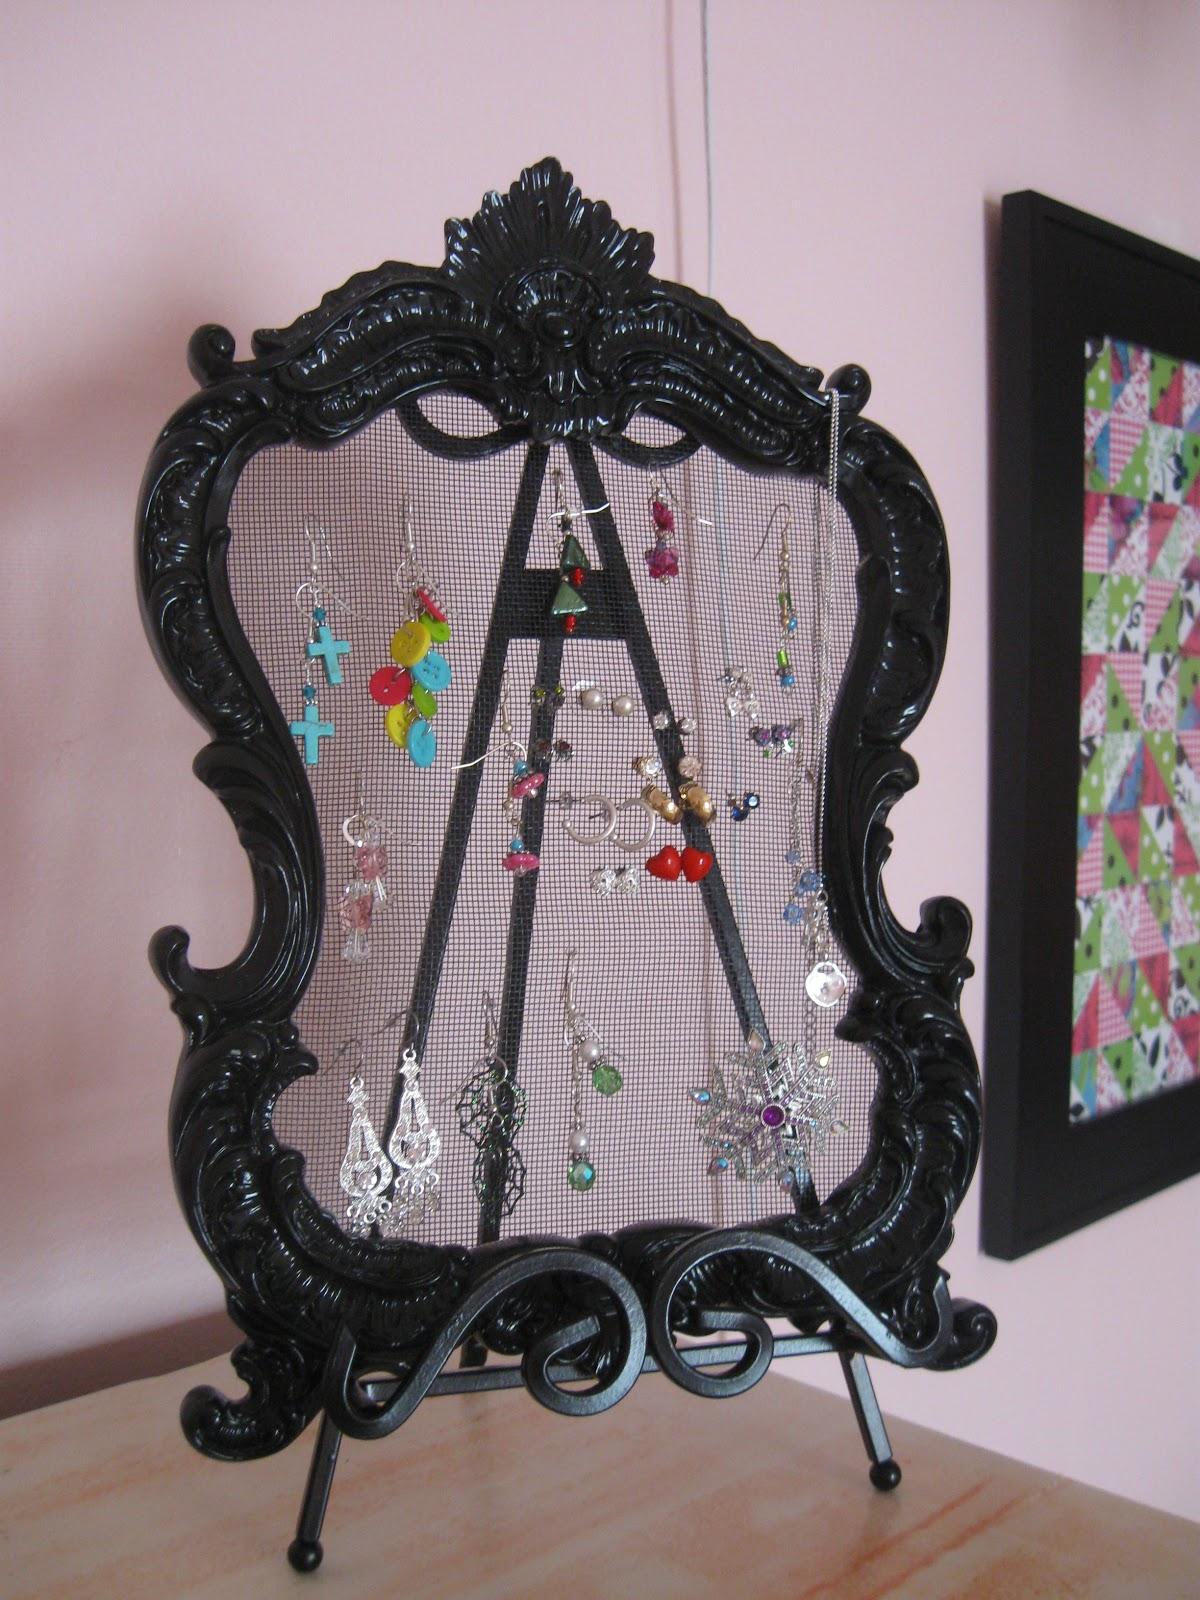 Dens gens Creatifs: Converting a Dresser Mirror to an ...